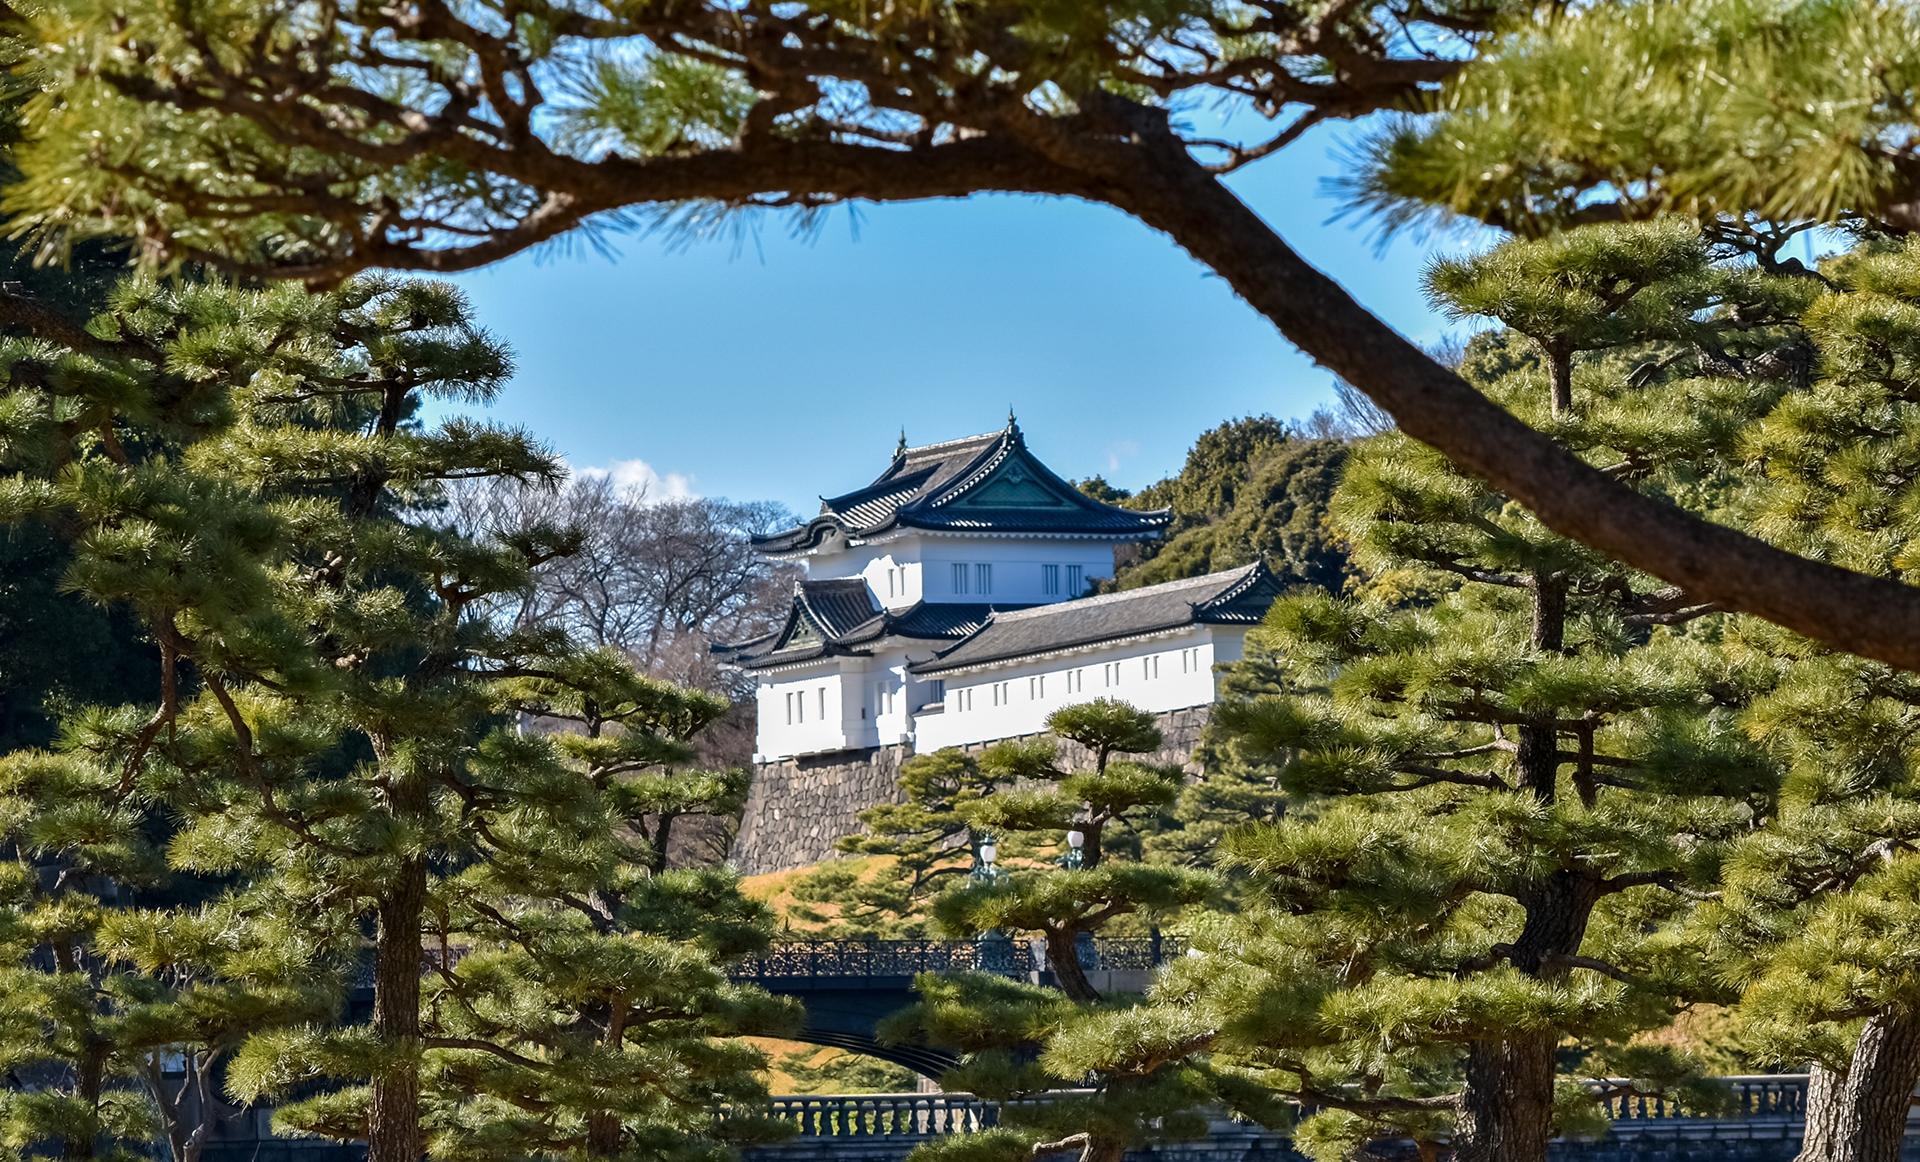 El Palacio Imperial, residencia del emperador de Japón, se construyó en el lugar donde se erigía el castillo de Edo, residencia del shogun antes de 1868